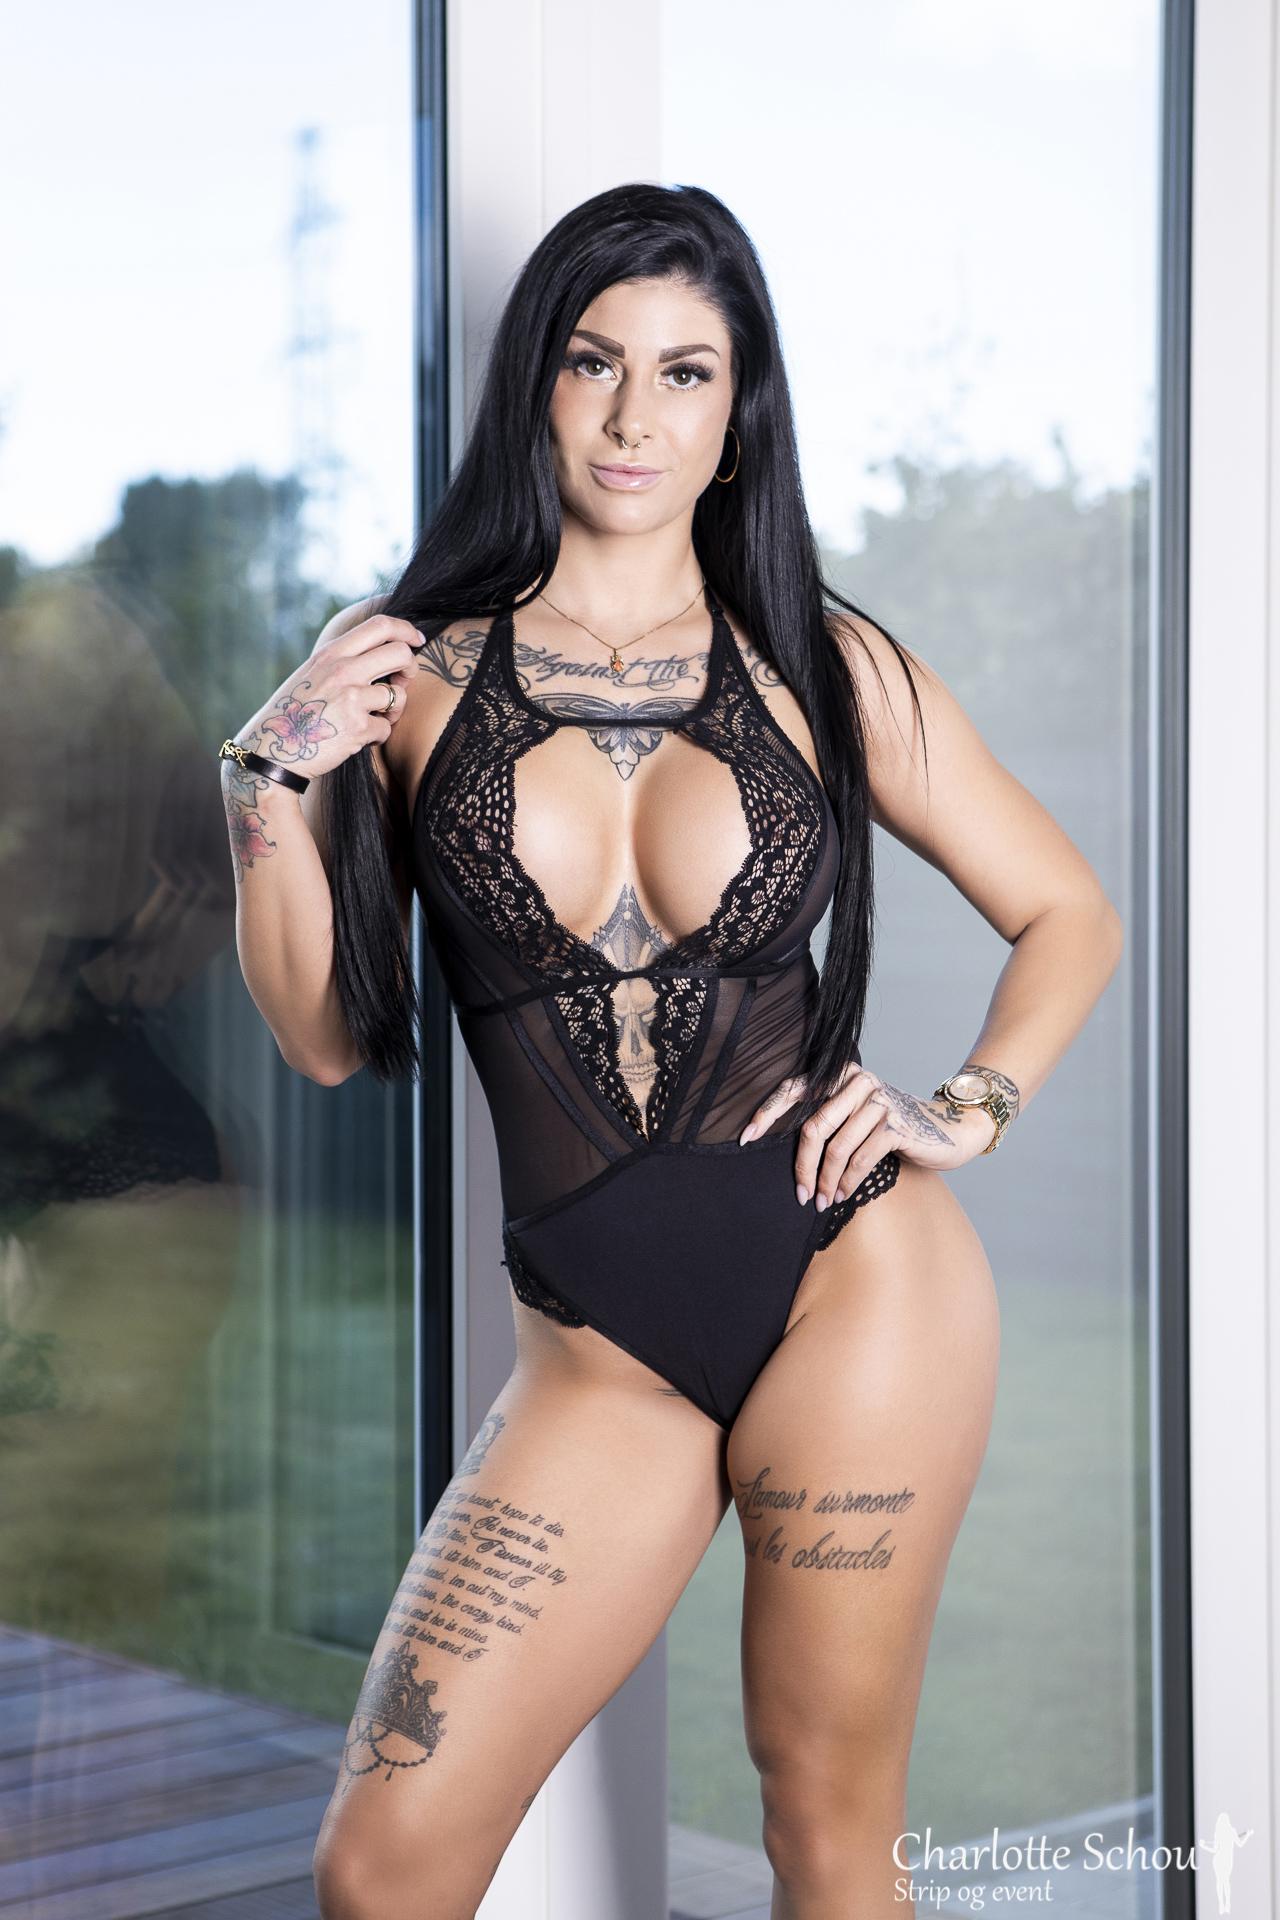 Stripper Camille